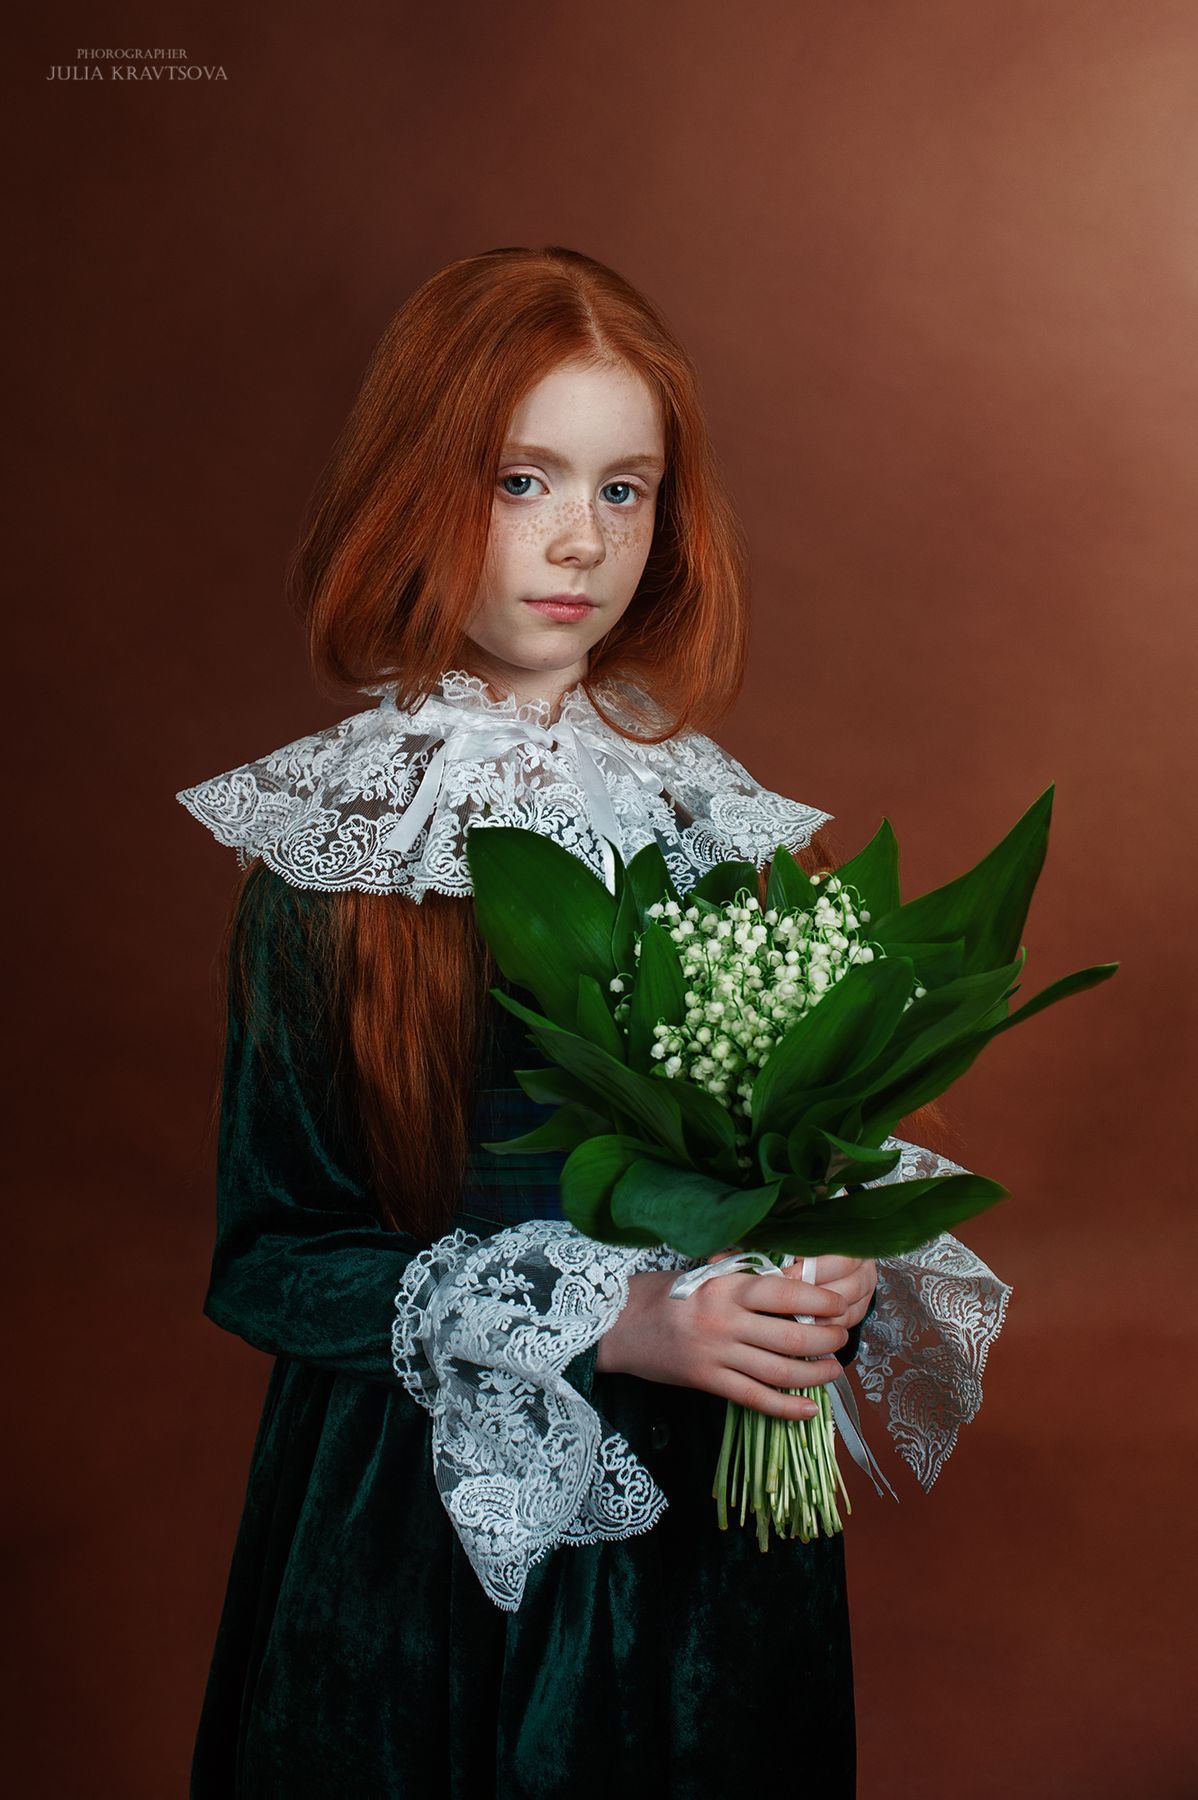 Екатерина II девочка рыжая портрет ландыши ретро стиль